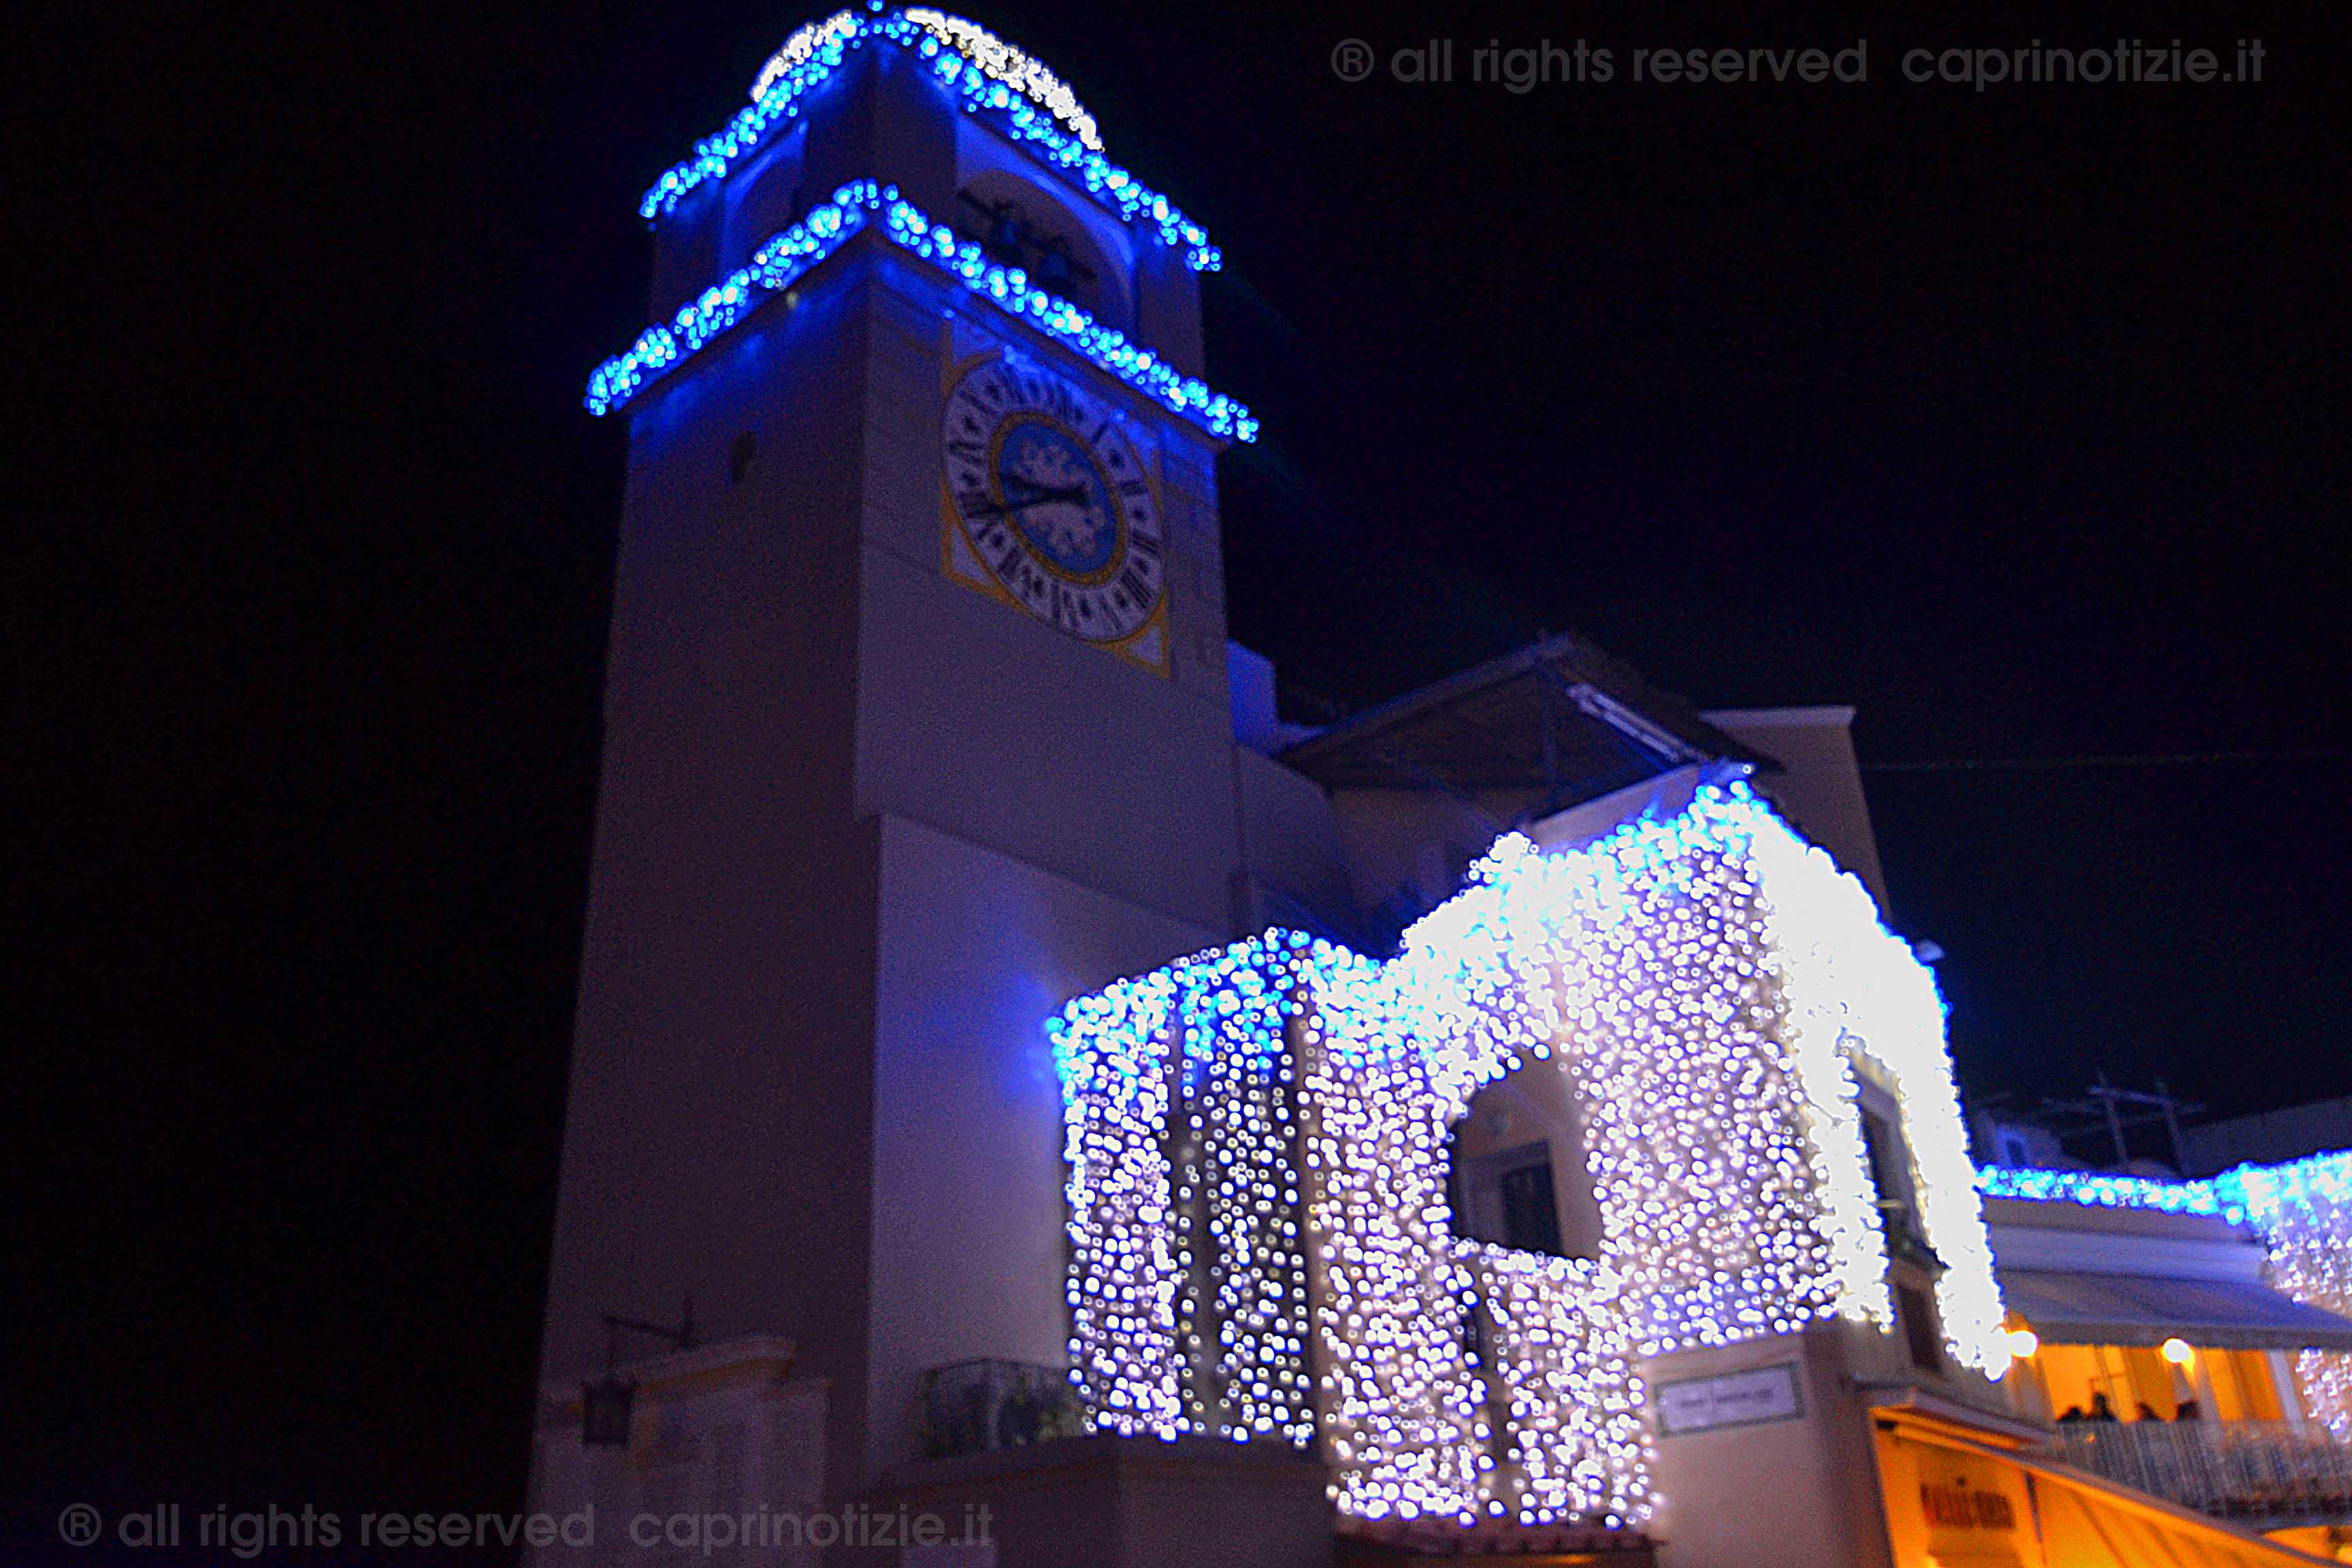 Capri, il programma delle manifestazioni di Natale e capodanno 2011